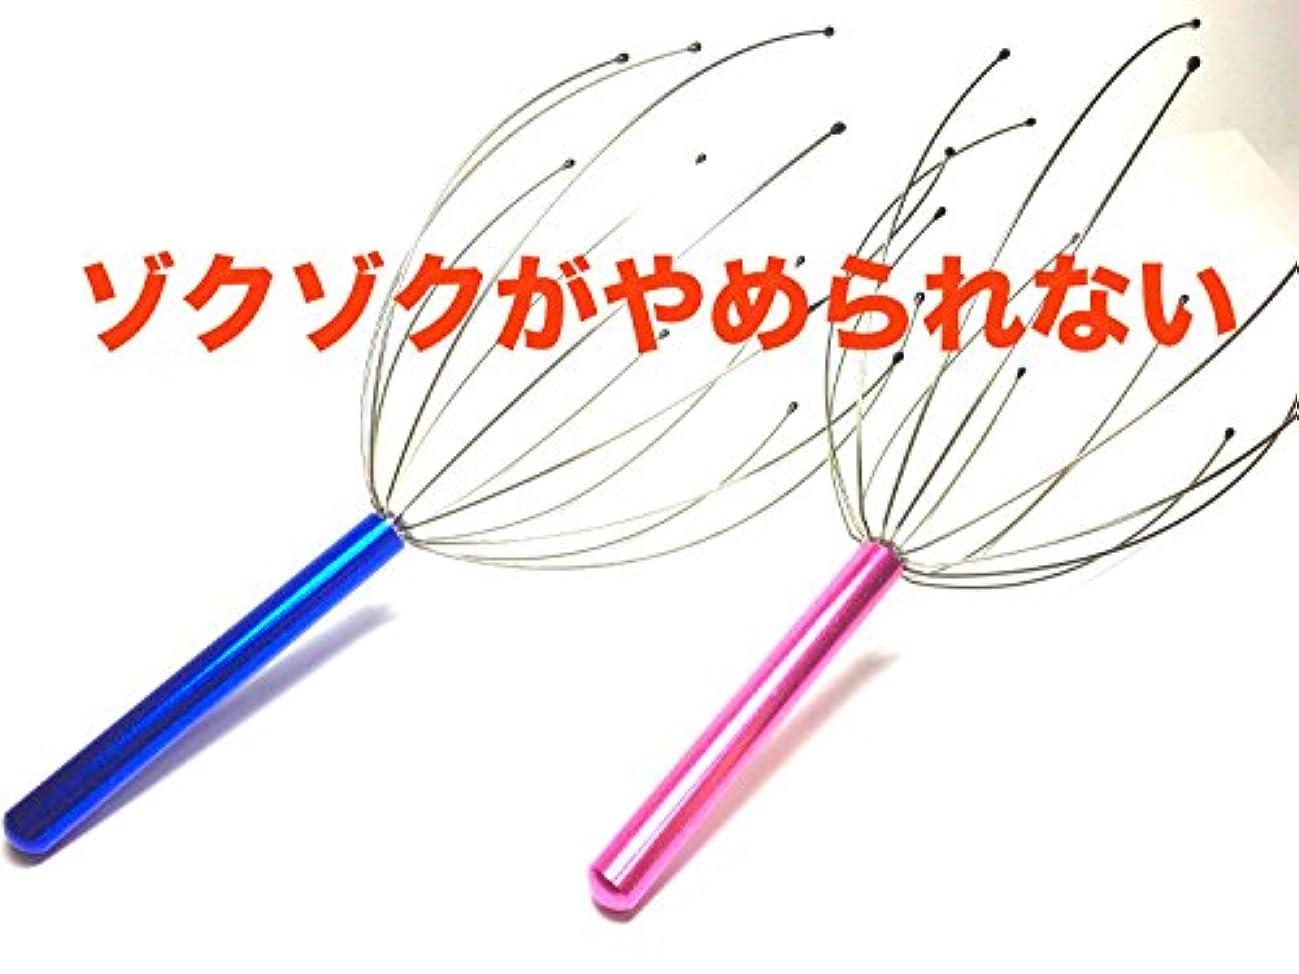 賄賂びんマティス[NET-O]快感 ヘッドマッサージャー 極楽マッサージ (1本)…